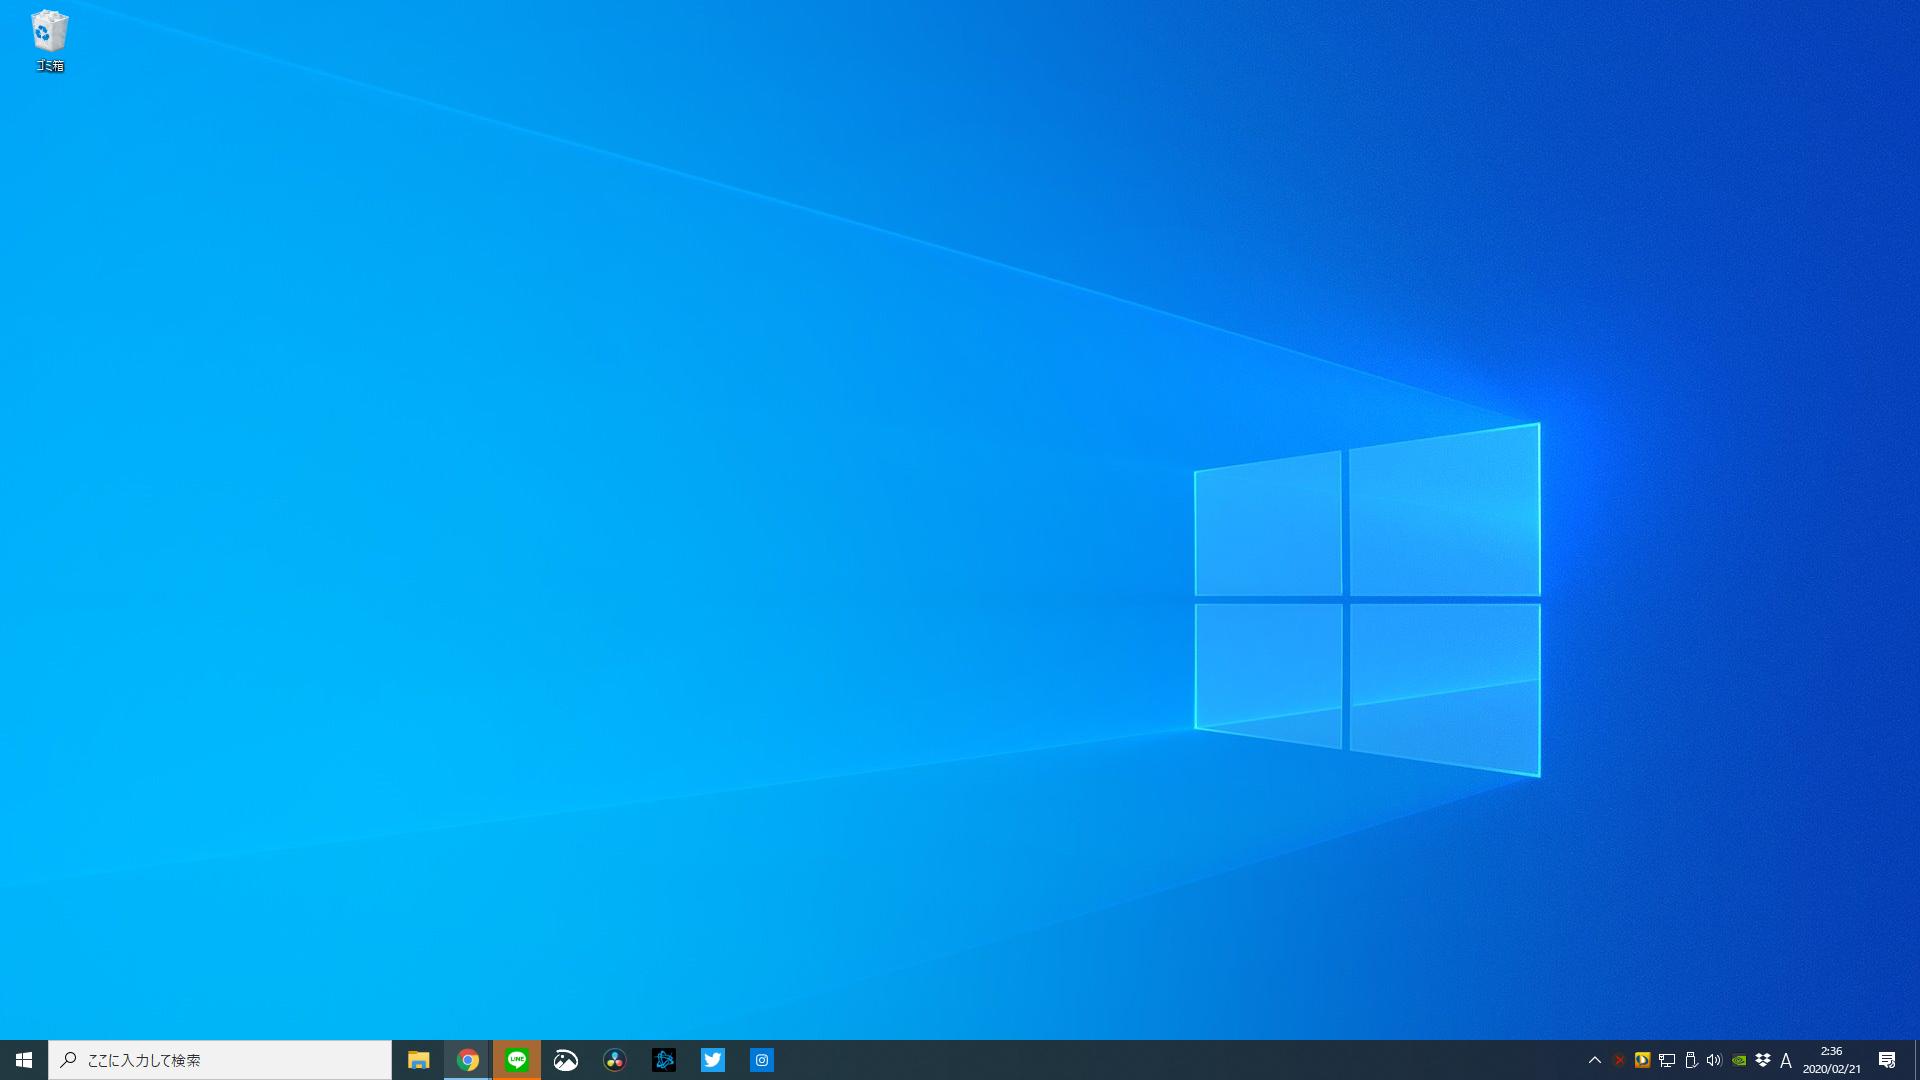 デスクトップの背景 壁紙 を変更したい マルチモニターでの個別写真設定も対応 パソコンの教科書